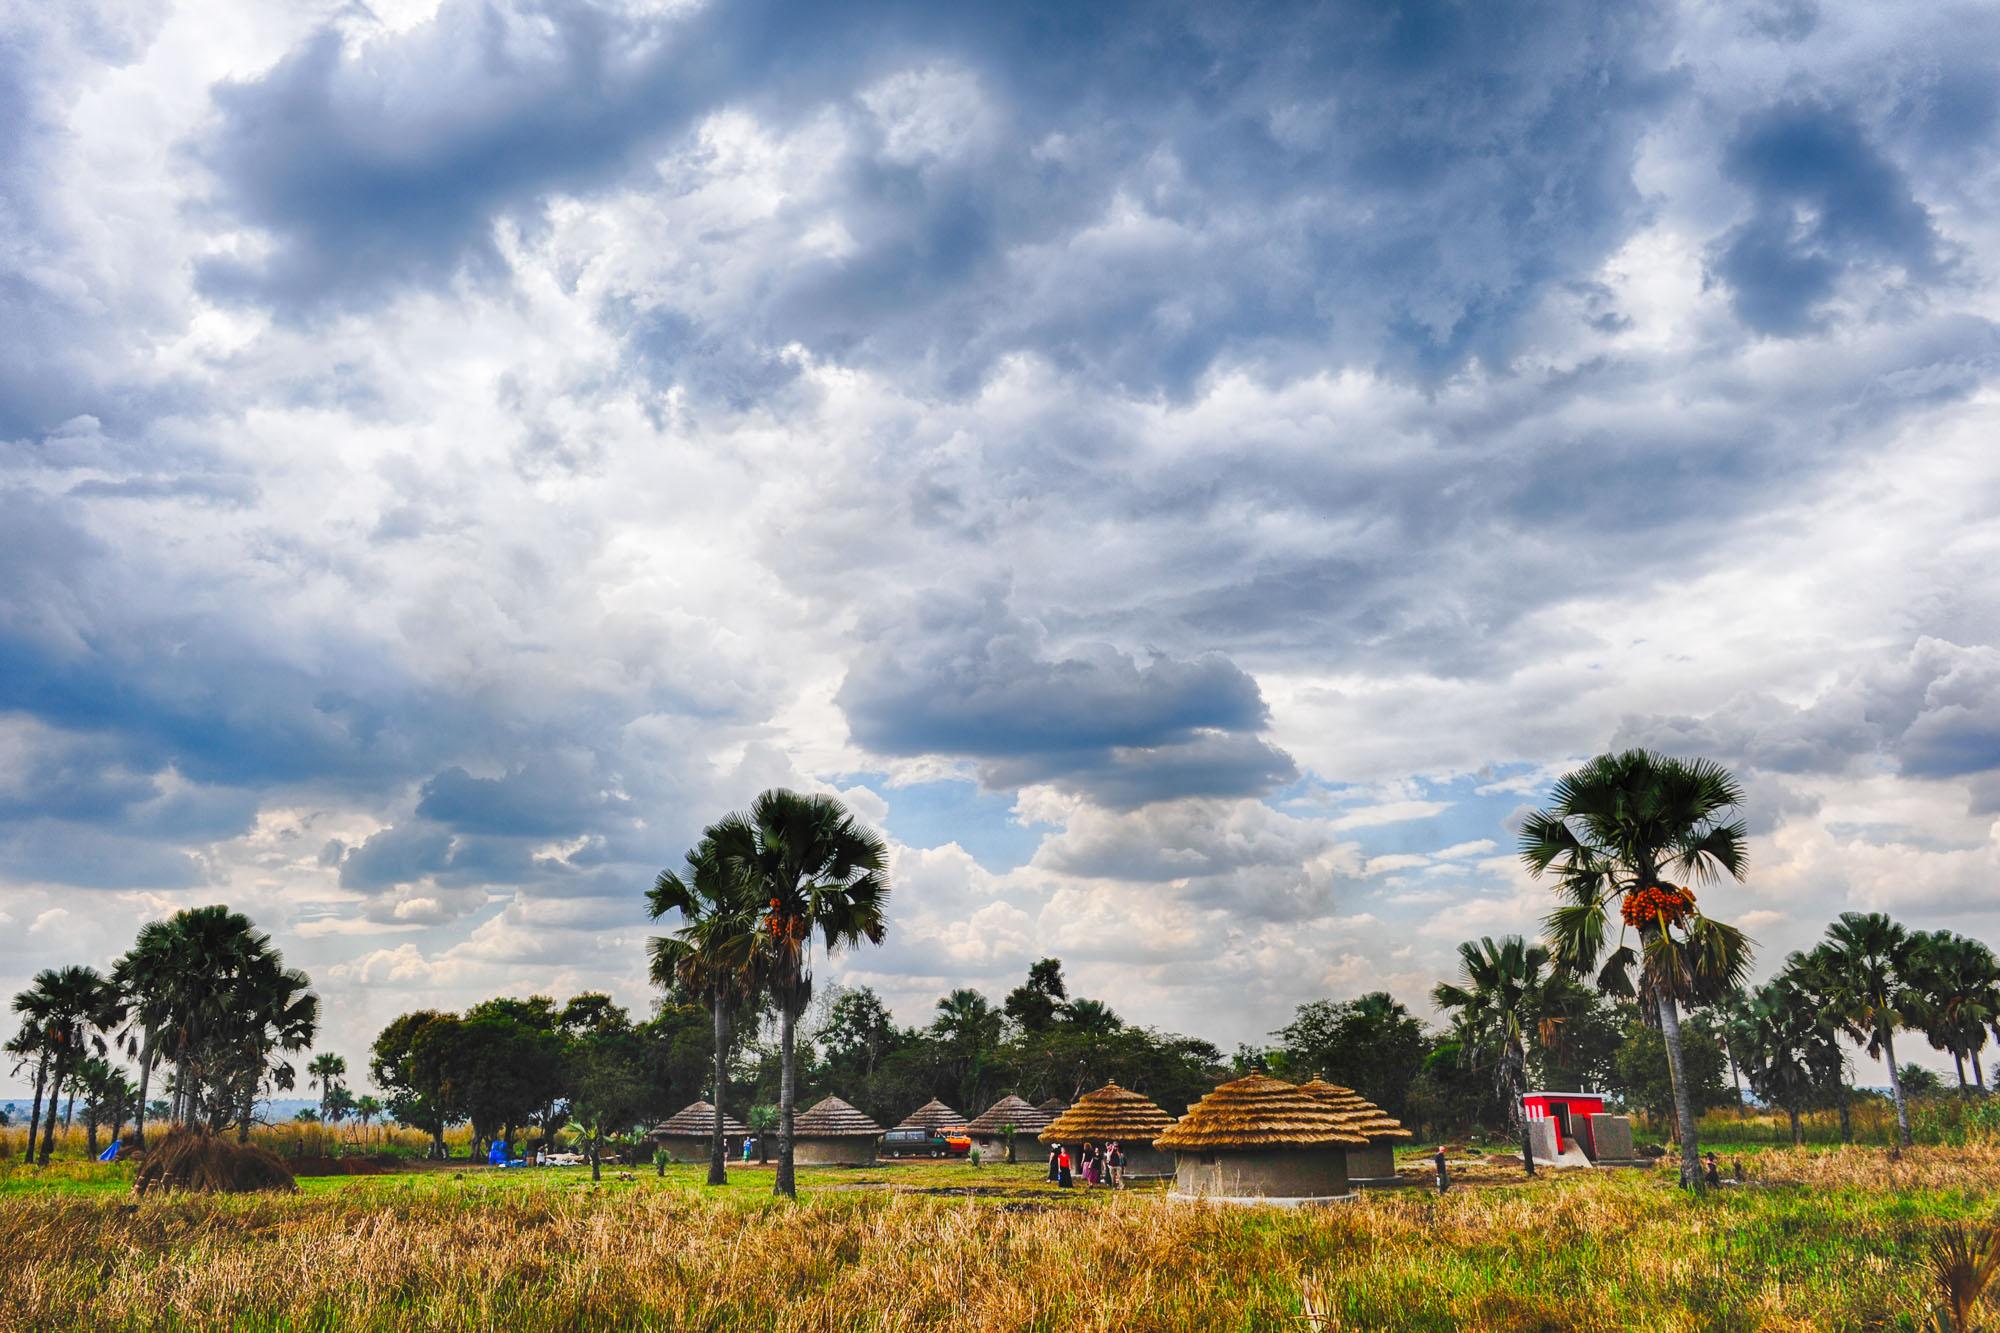 20130109_Uganda-280_HDR-Master.jpg